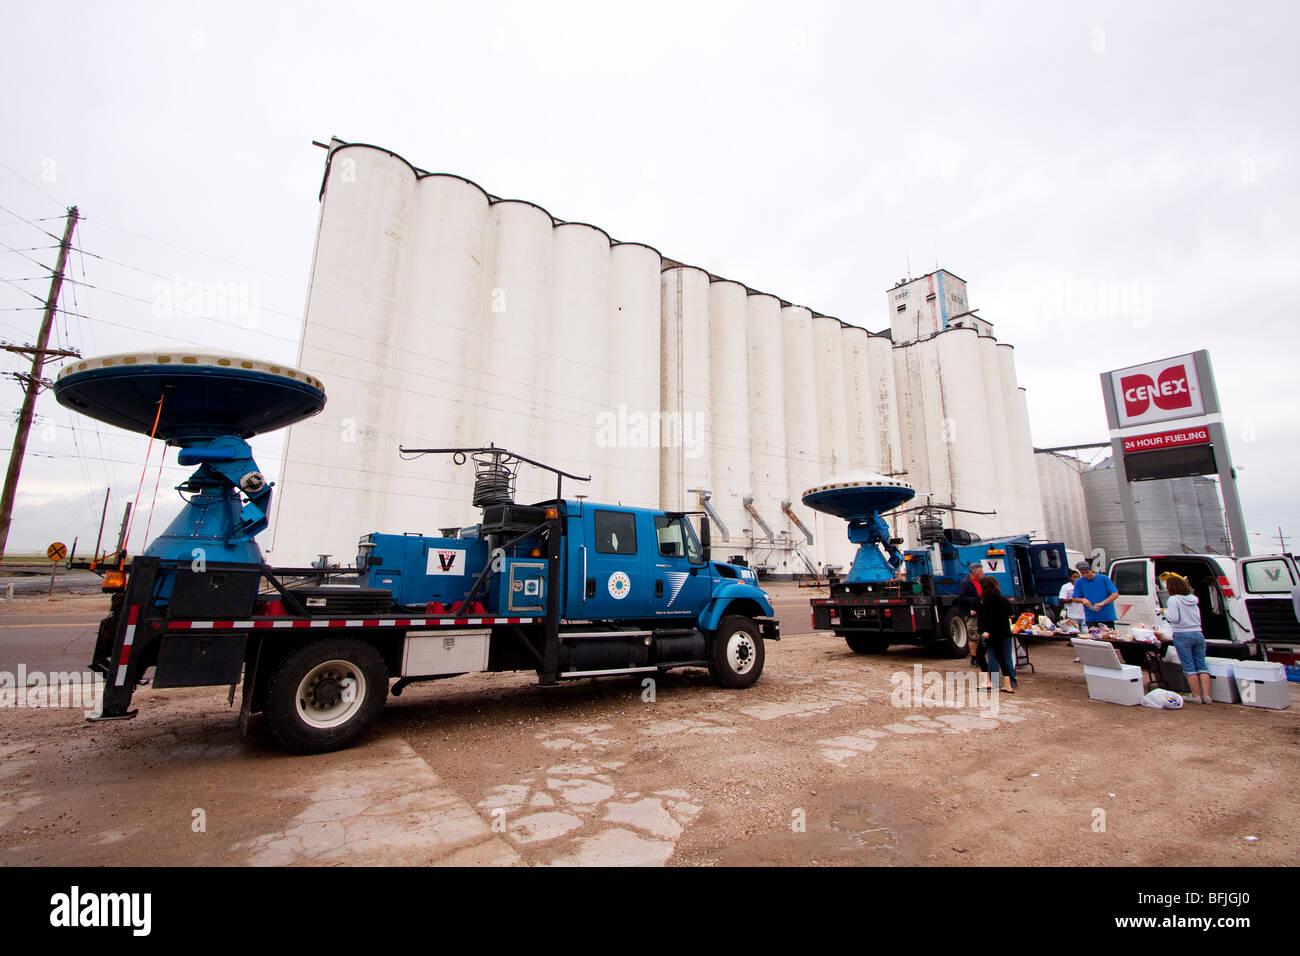 Il doppler su ruote camion parcheggiati in un Cenex stazione di benzina in western Kansas, Stati Uniti d'America, Immagini Stock